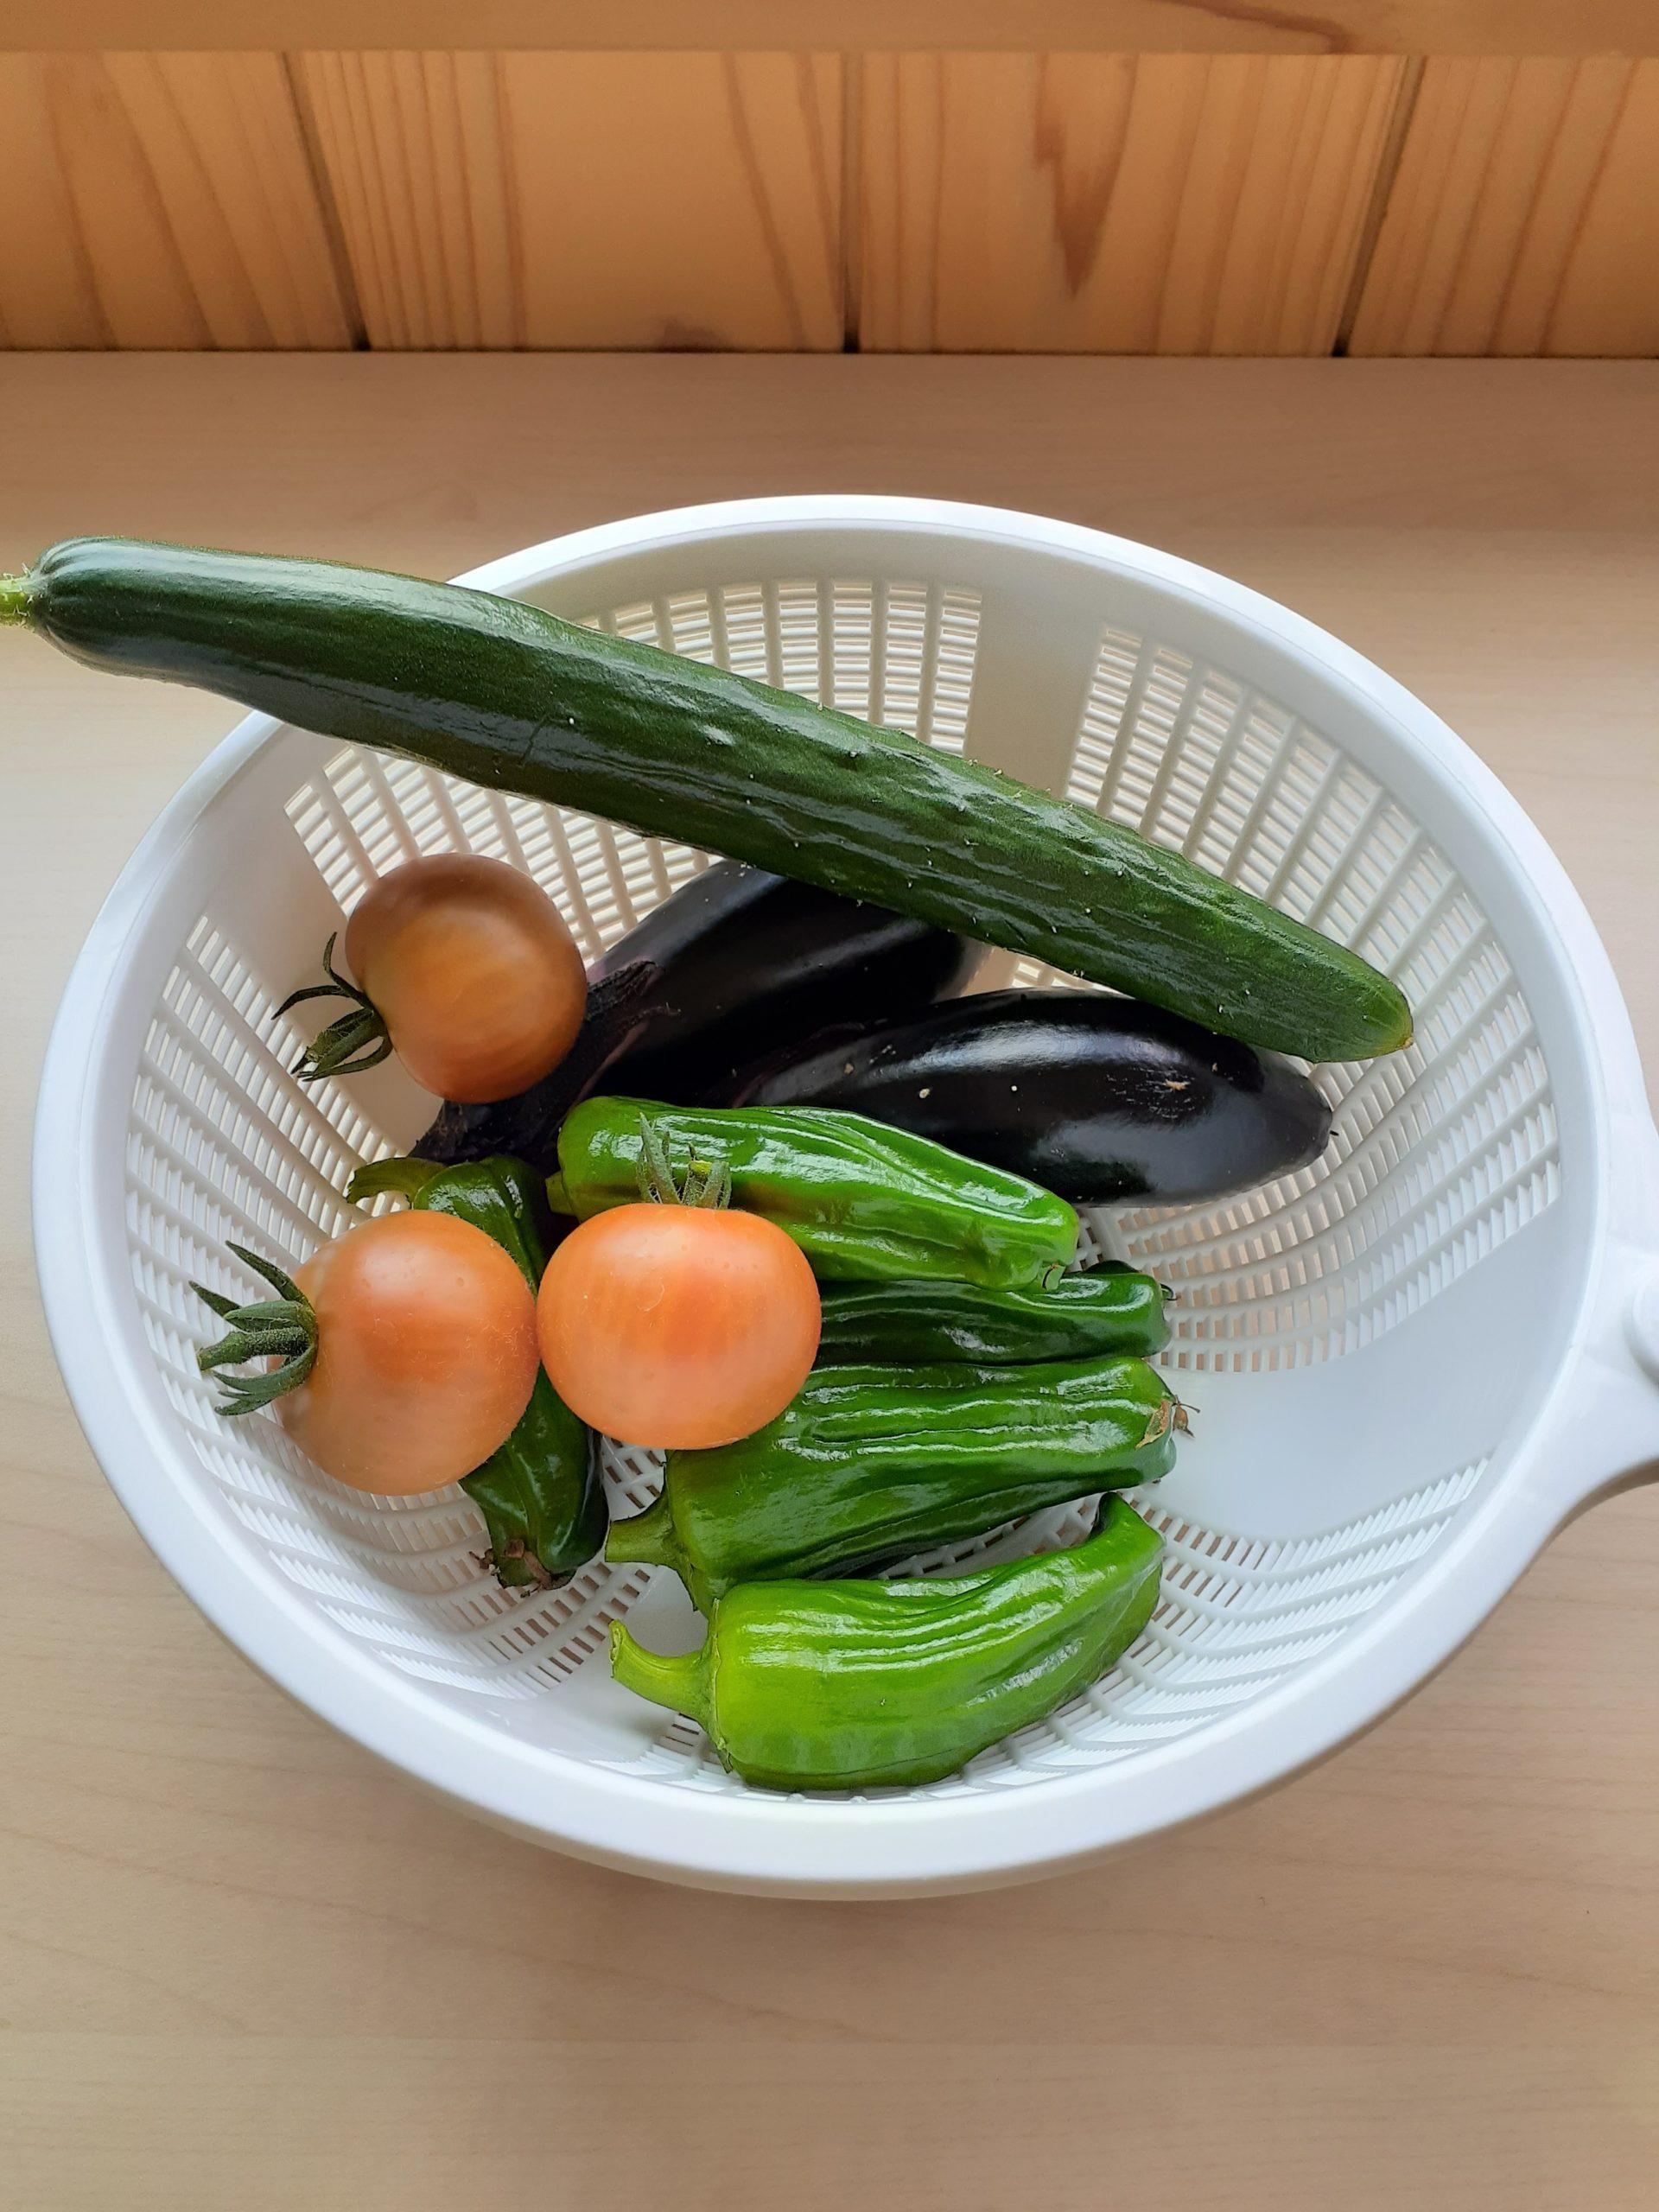 児童クラブの野菜収穫🍅🍆🥒